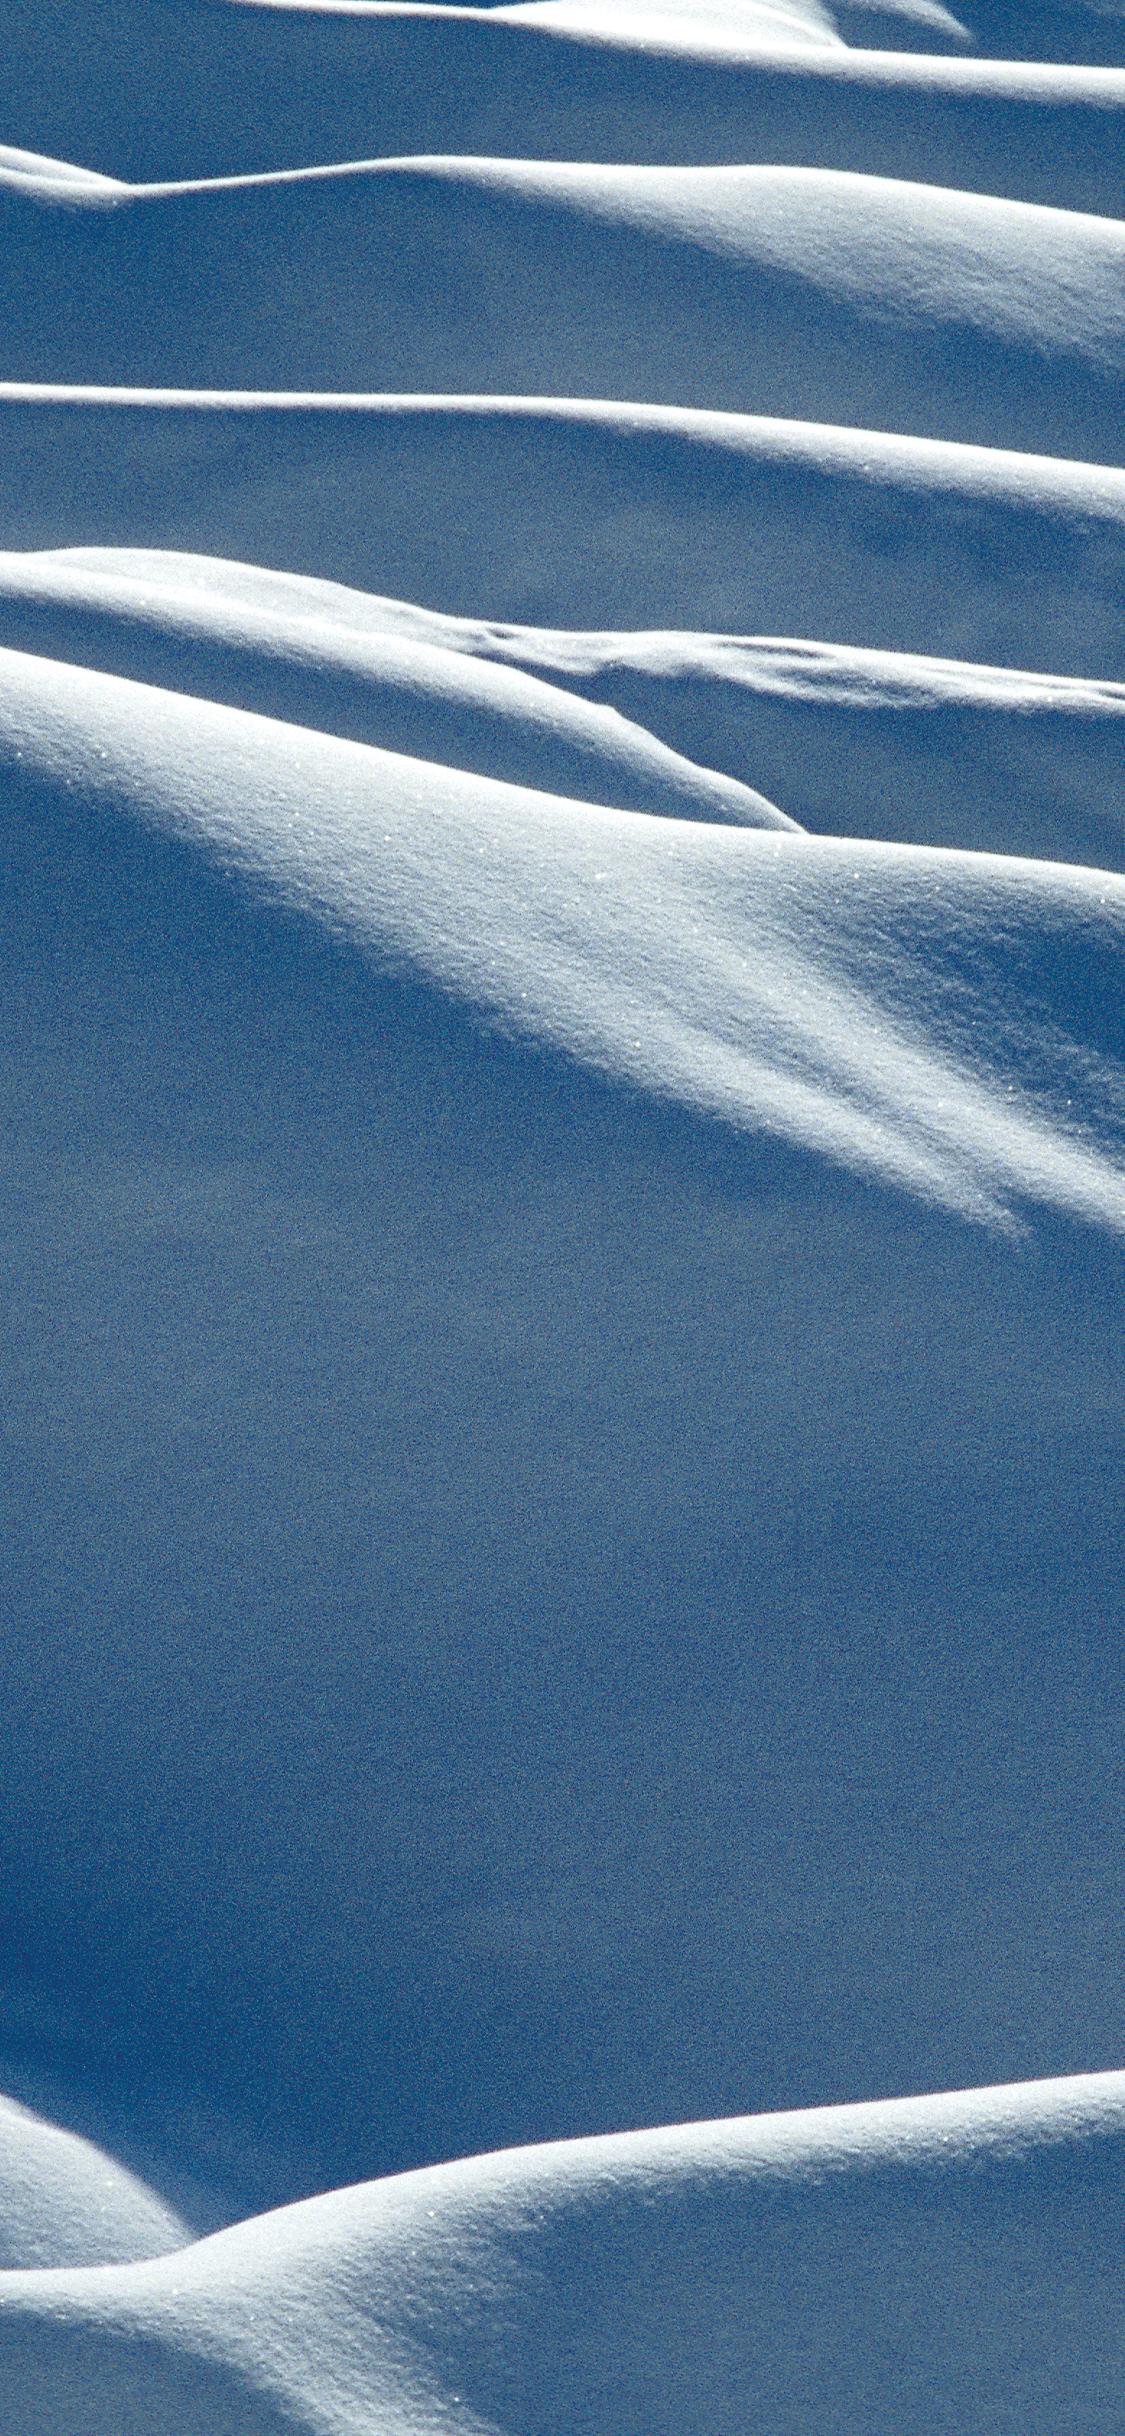 winter arctic mobile phone wallpaper